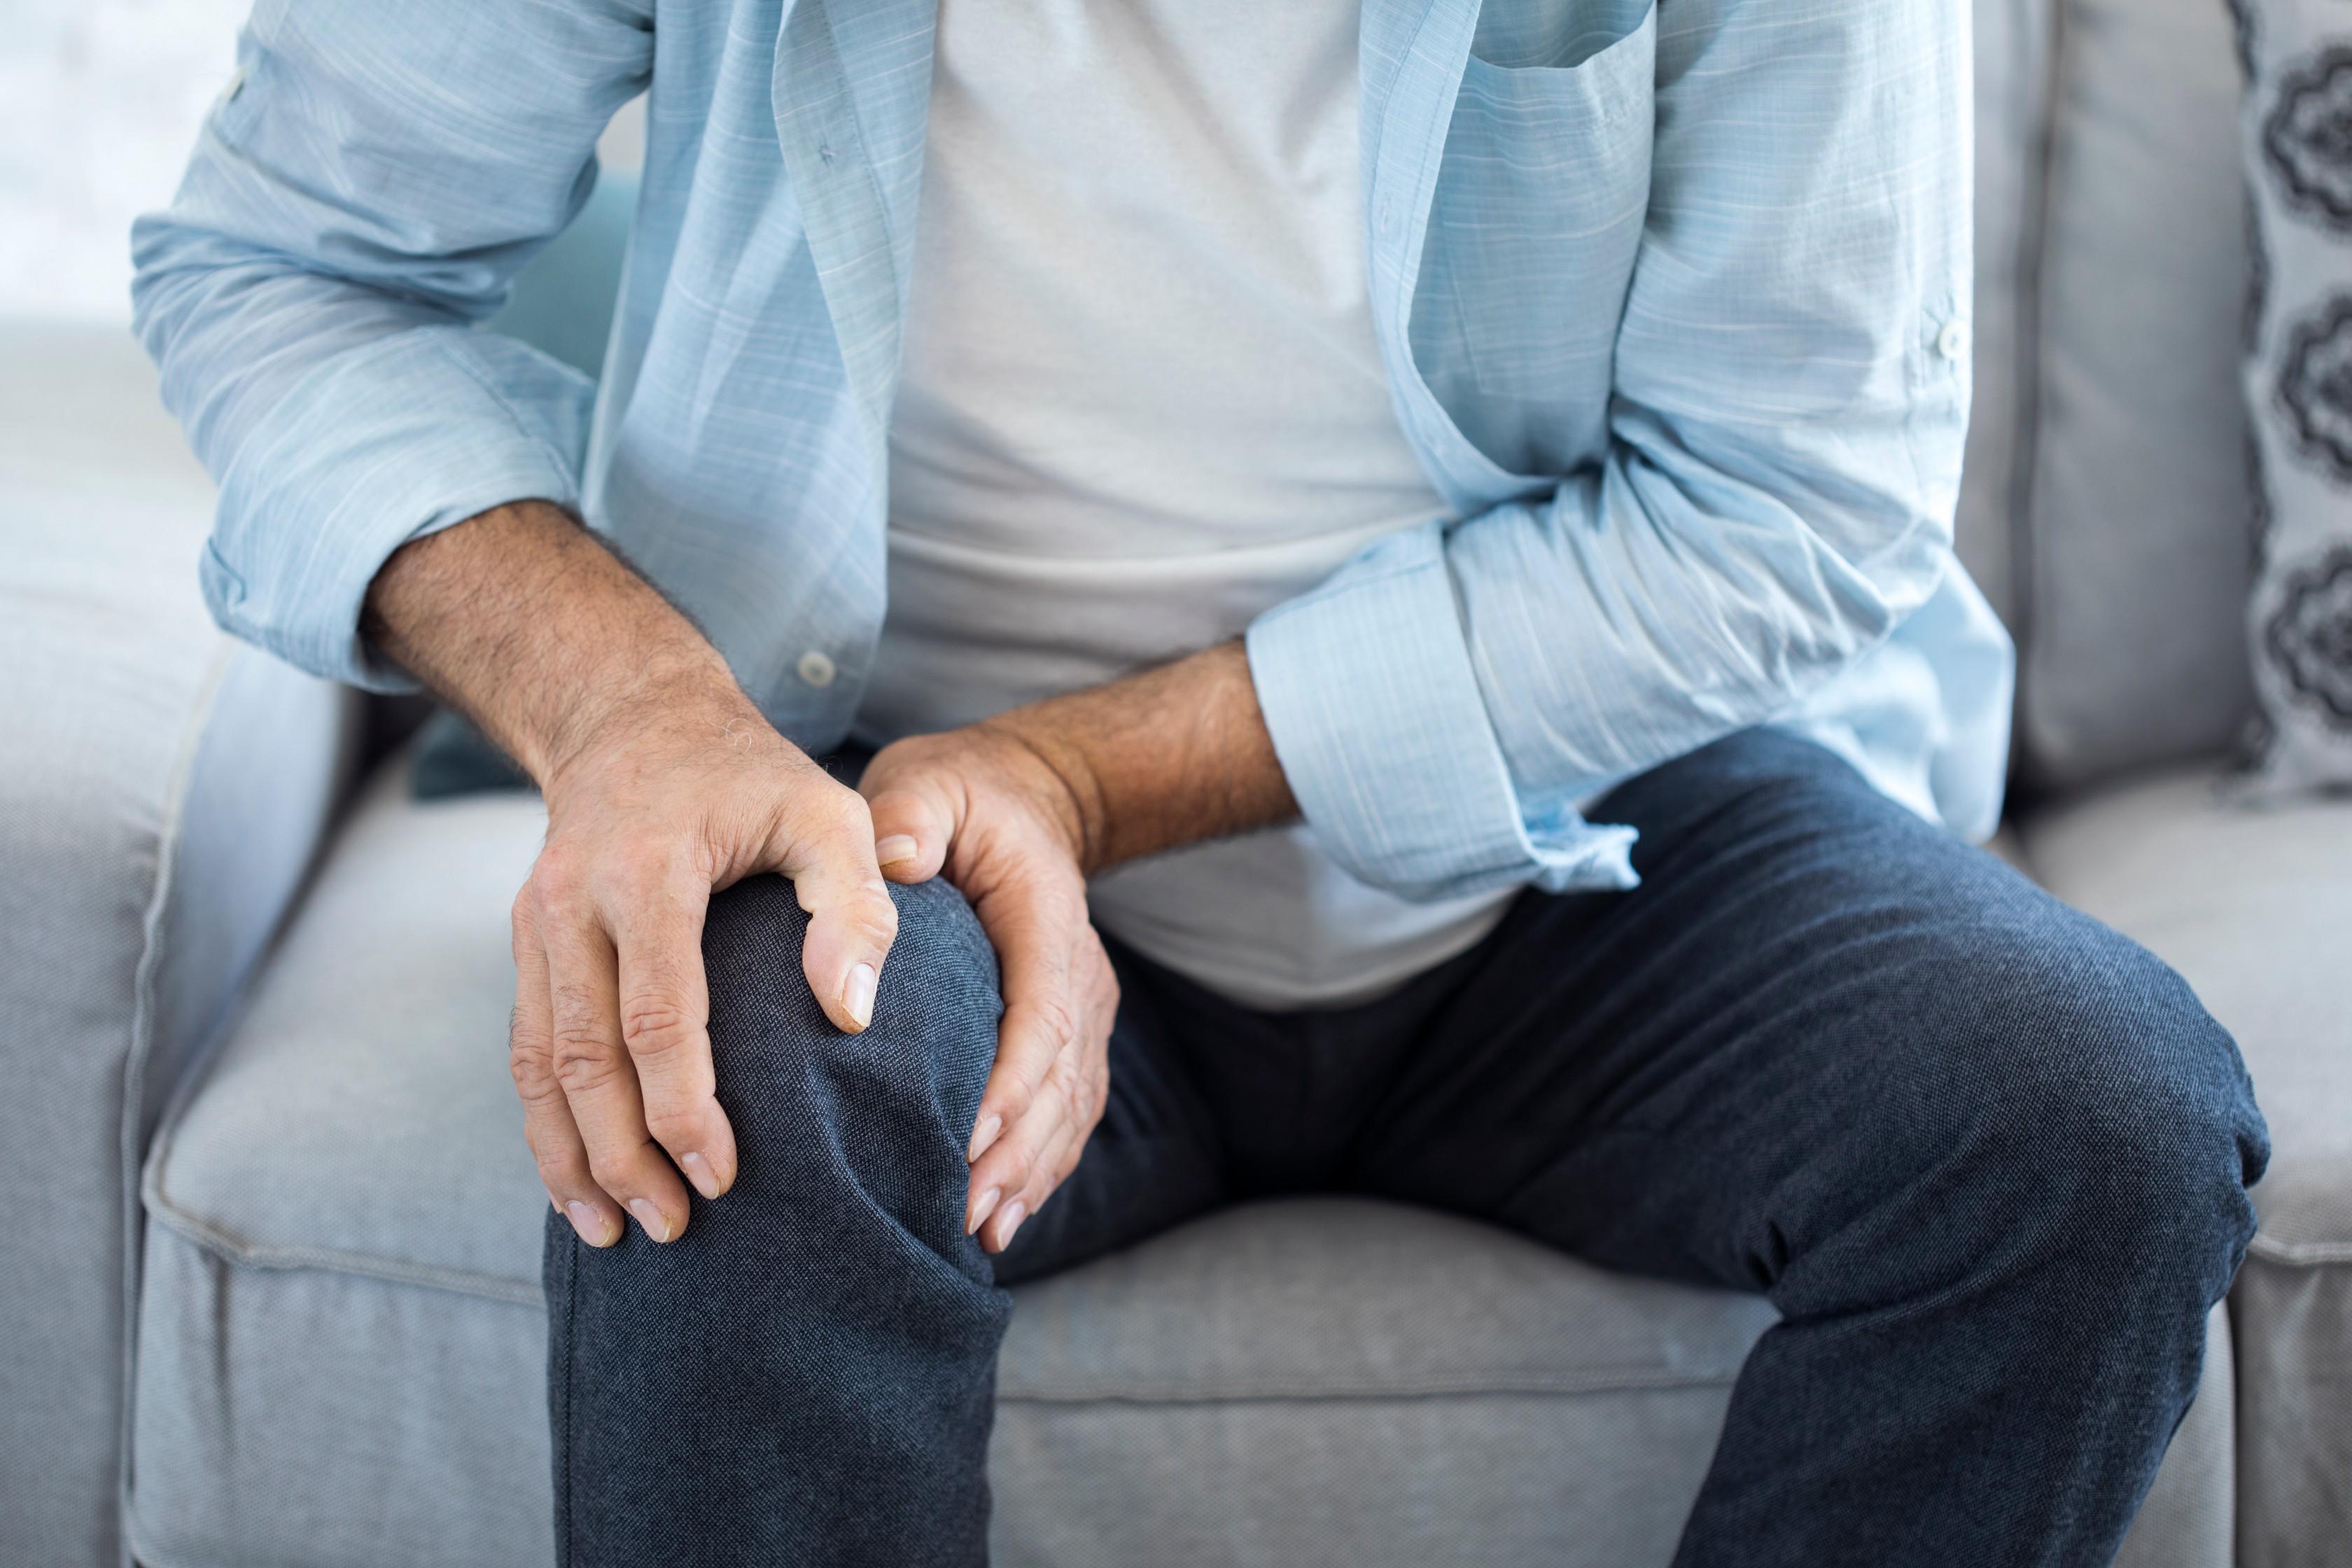 gyógyítja a don lábak ízületeinek fájdalmát reggel a csípőízület fájdalma